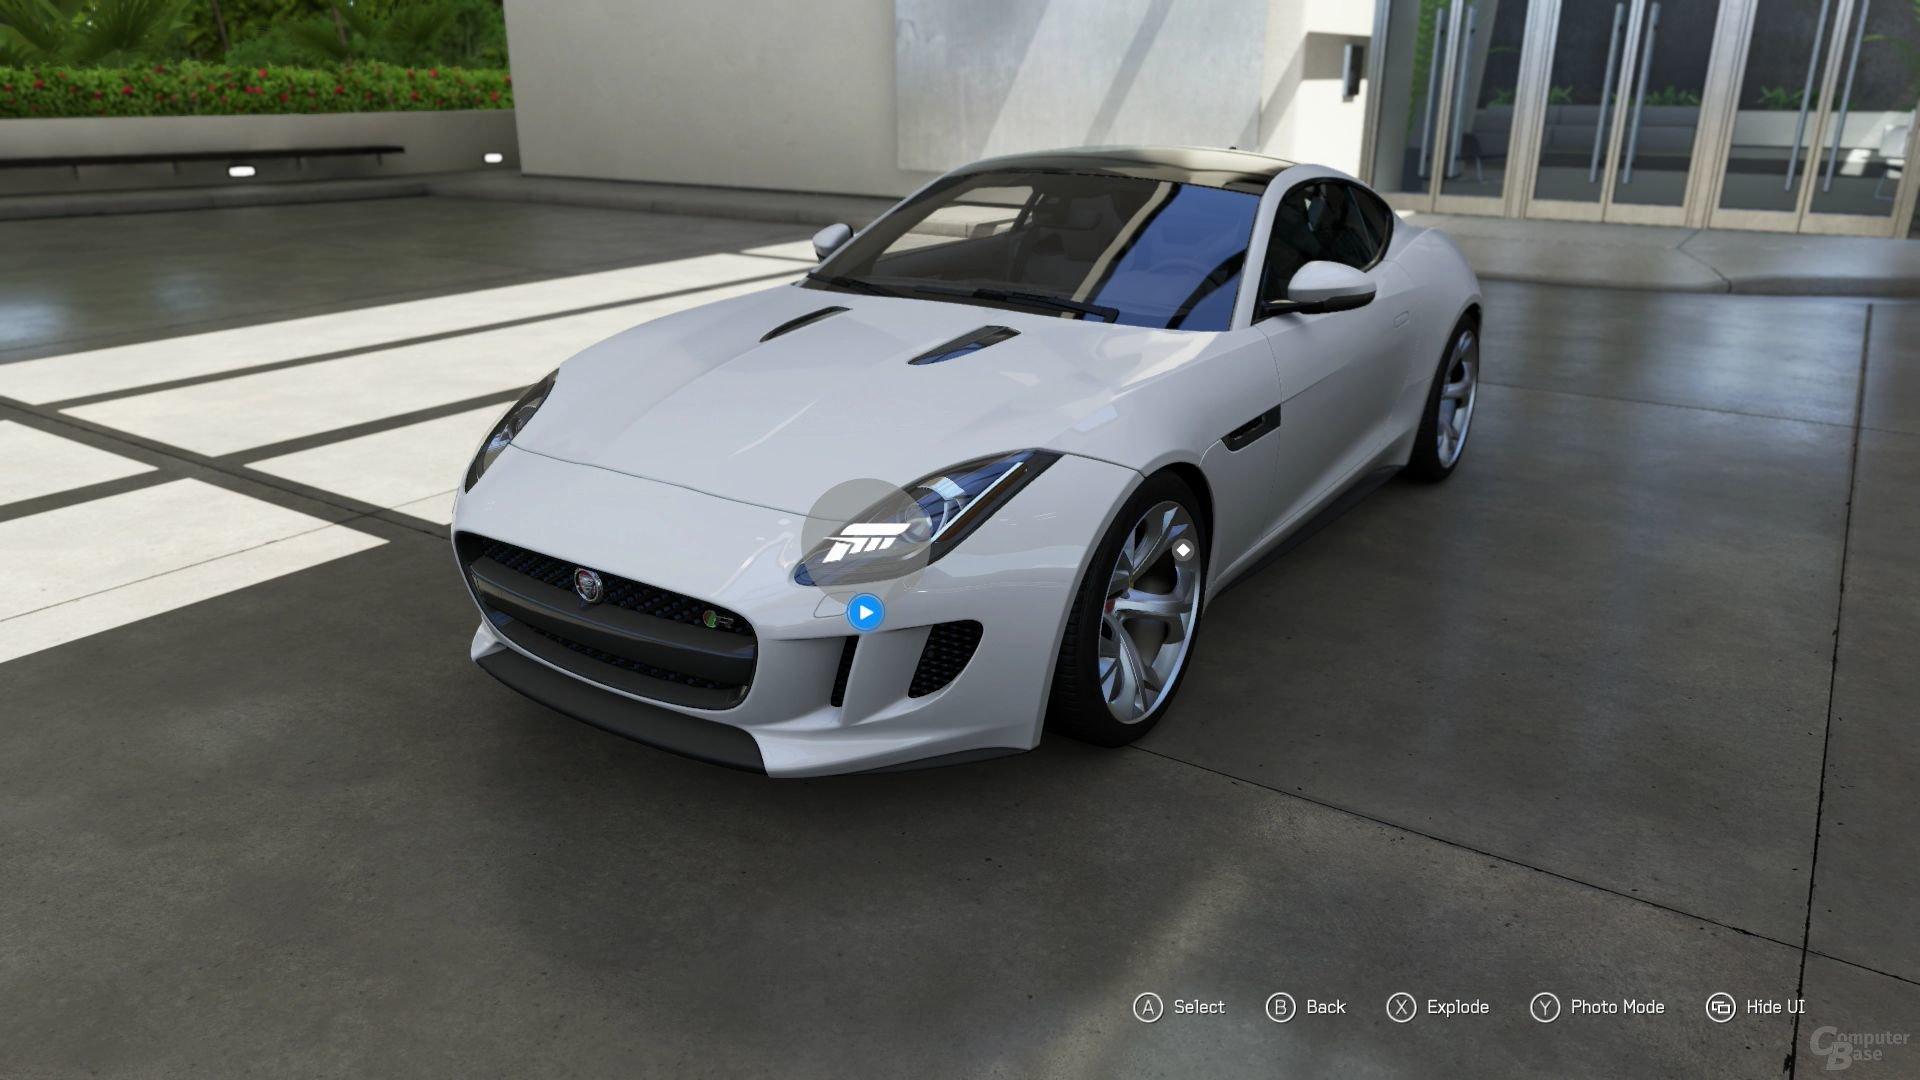 Der Forzavista-Modus ist für jedes Fahrzeug verfügbar